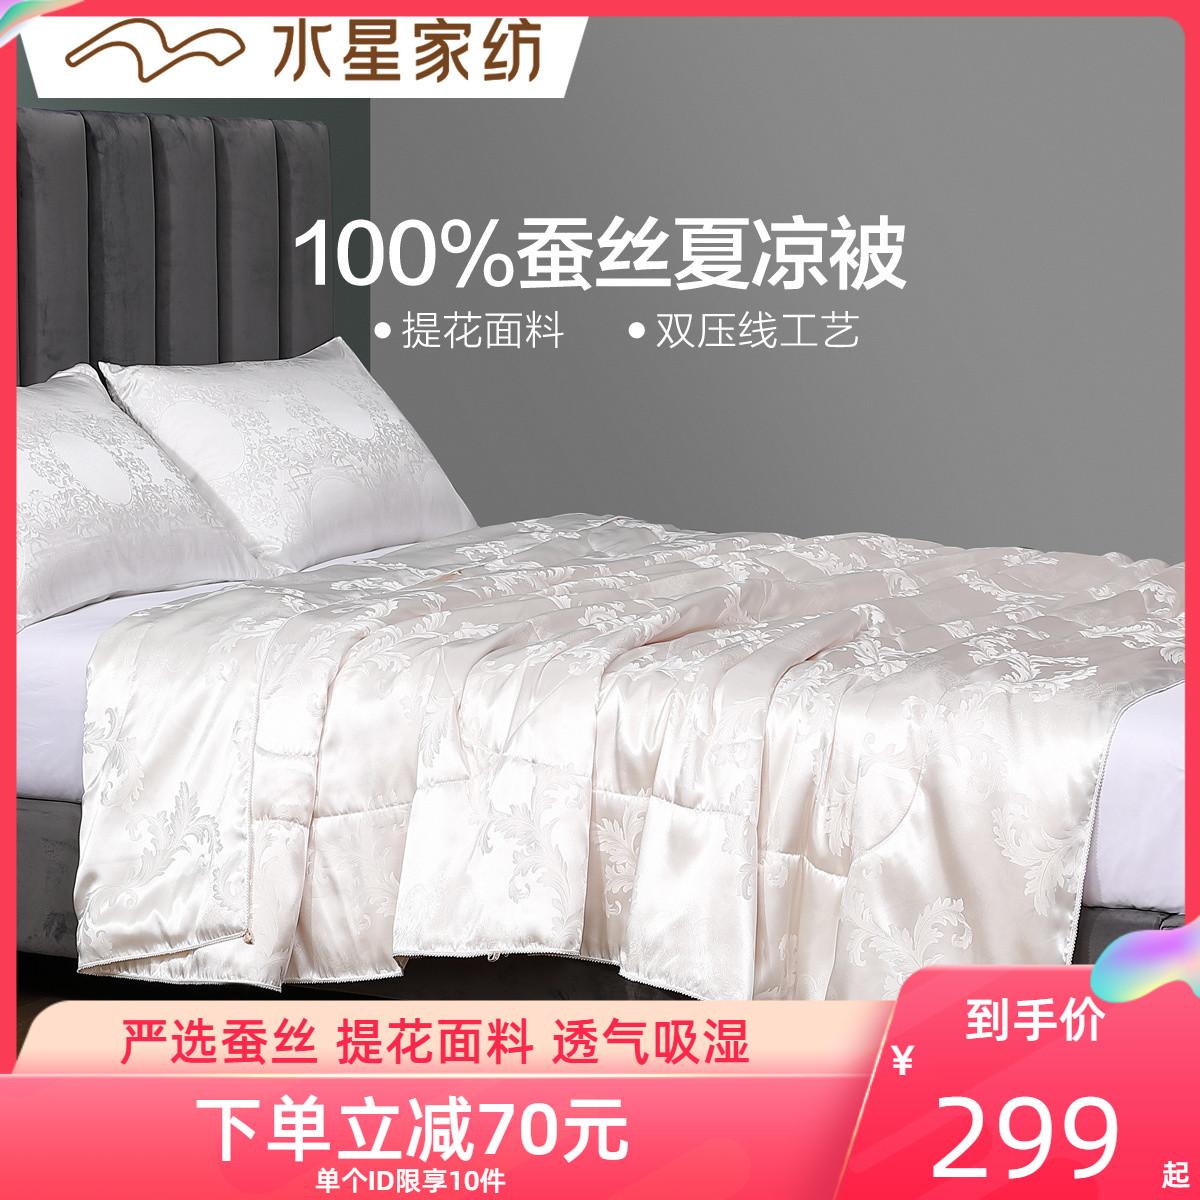 水星家纺100%蚕丝被夏凉被夏季薄被子被芯单人双人空调被床上用品图片